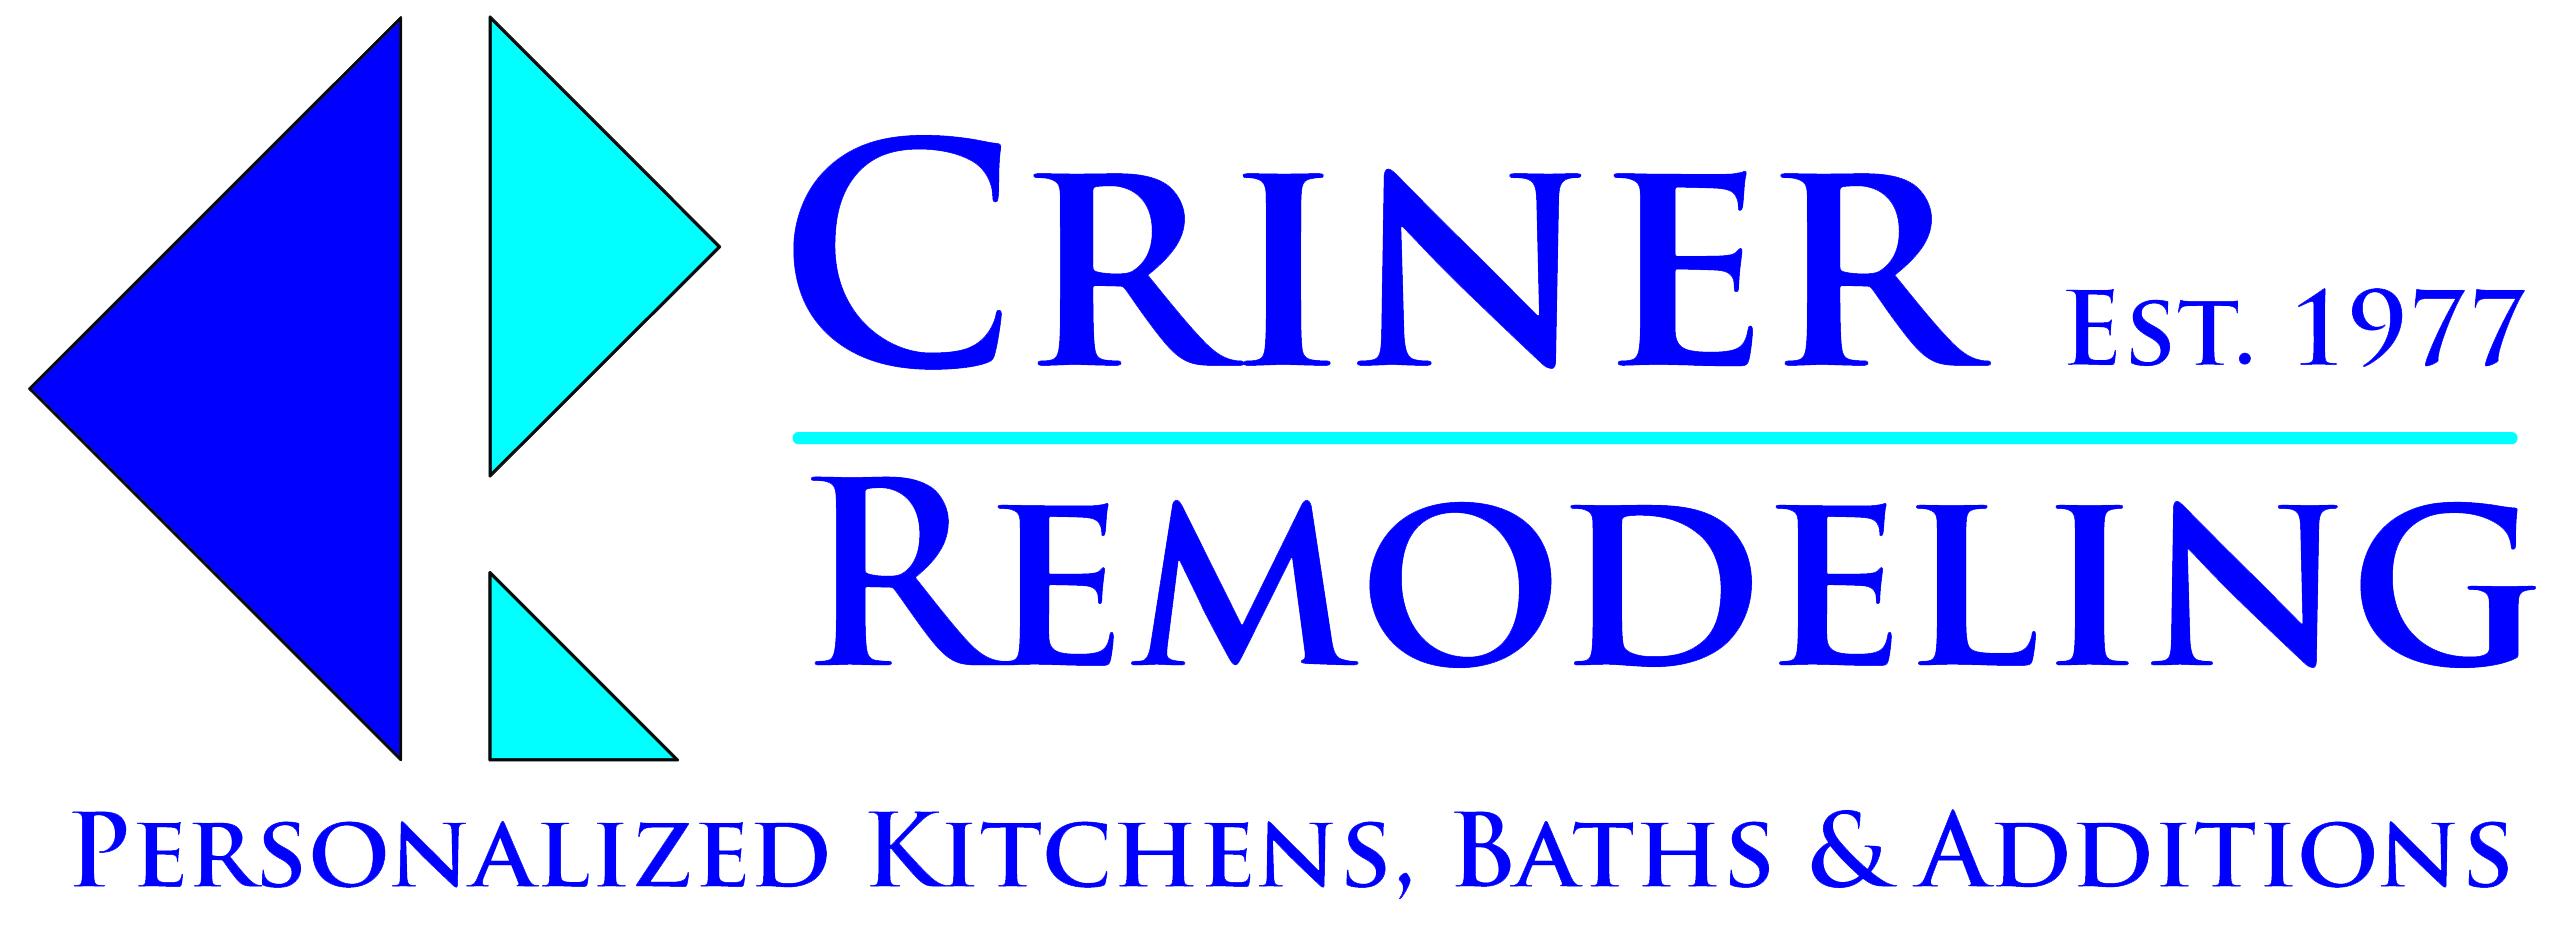 Criner Remodeling